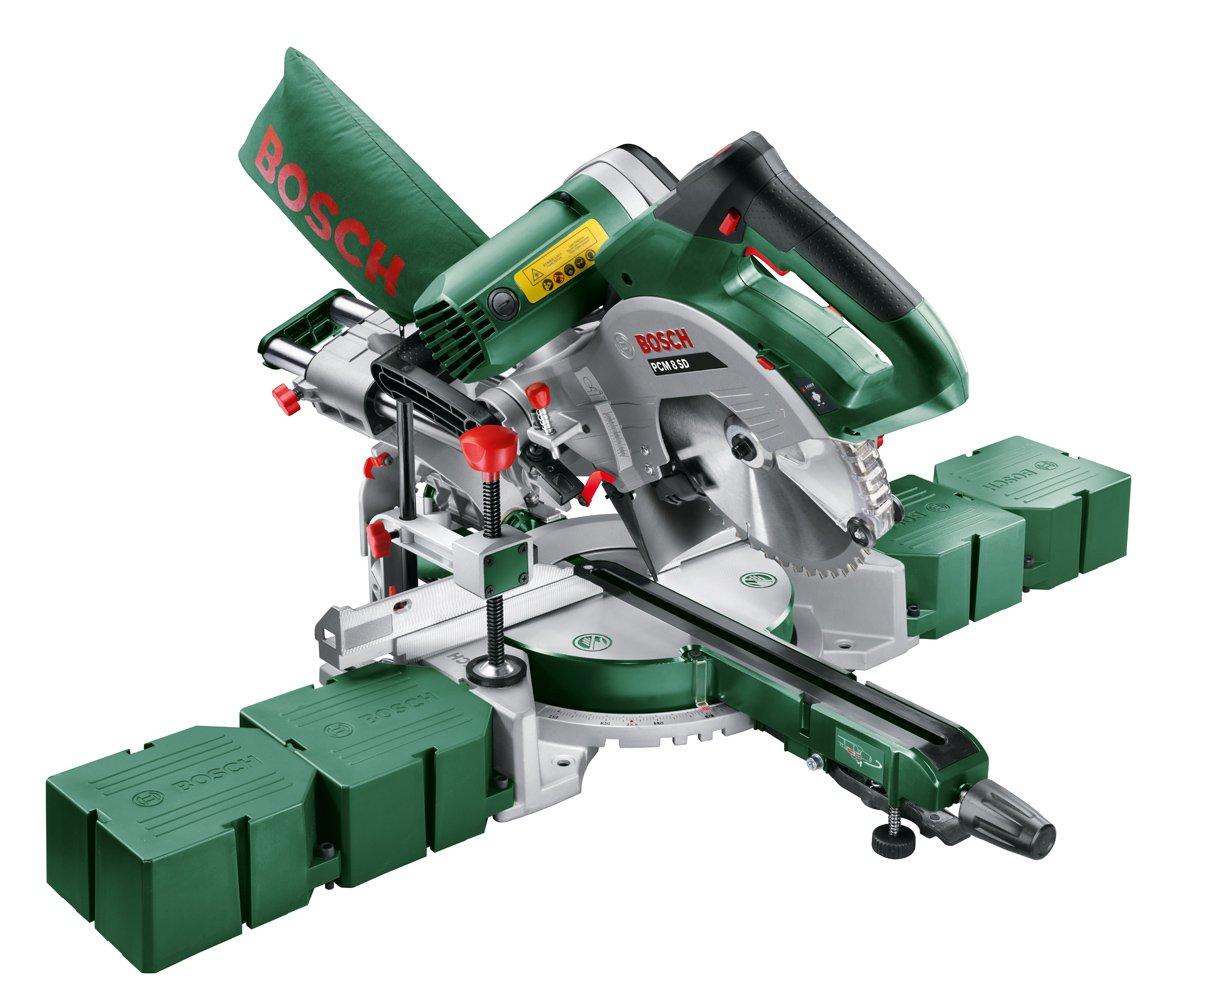 Bosch Kappsä ge und Gehrungssä ge PCM 8 (Arbeitsklemme, Kreissä geblatt Optiline Wood, Staubbeutel, Karton, 1.200 Watt) 0603B10000